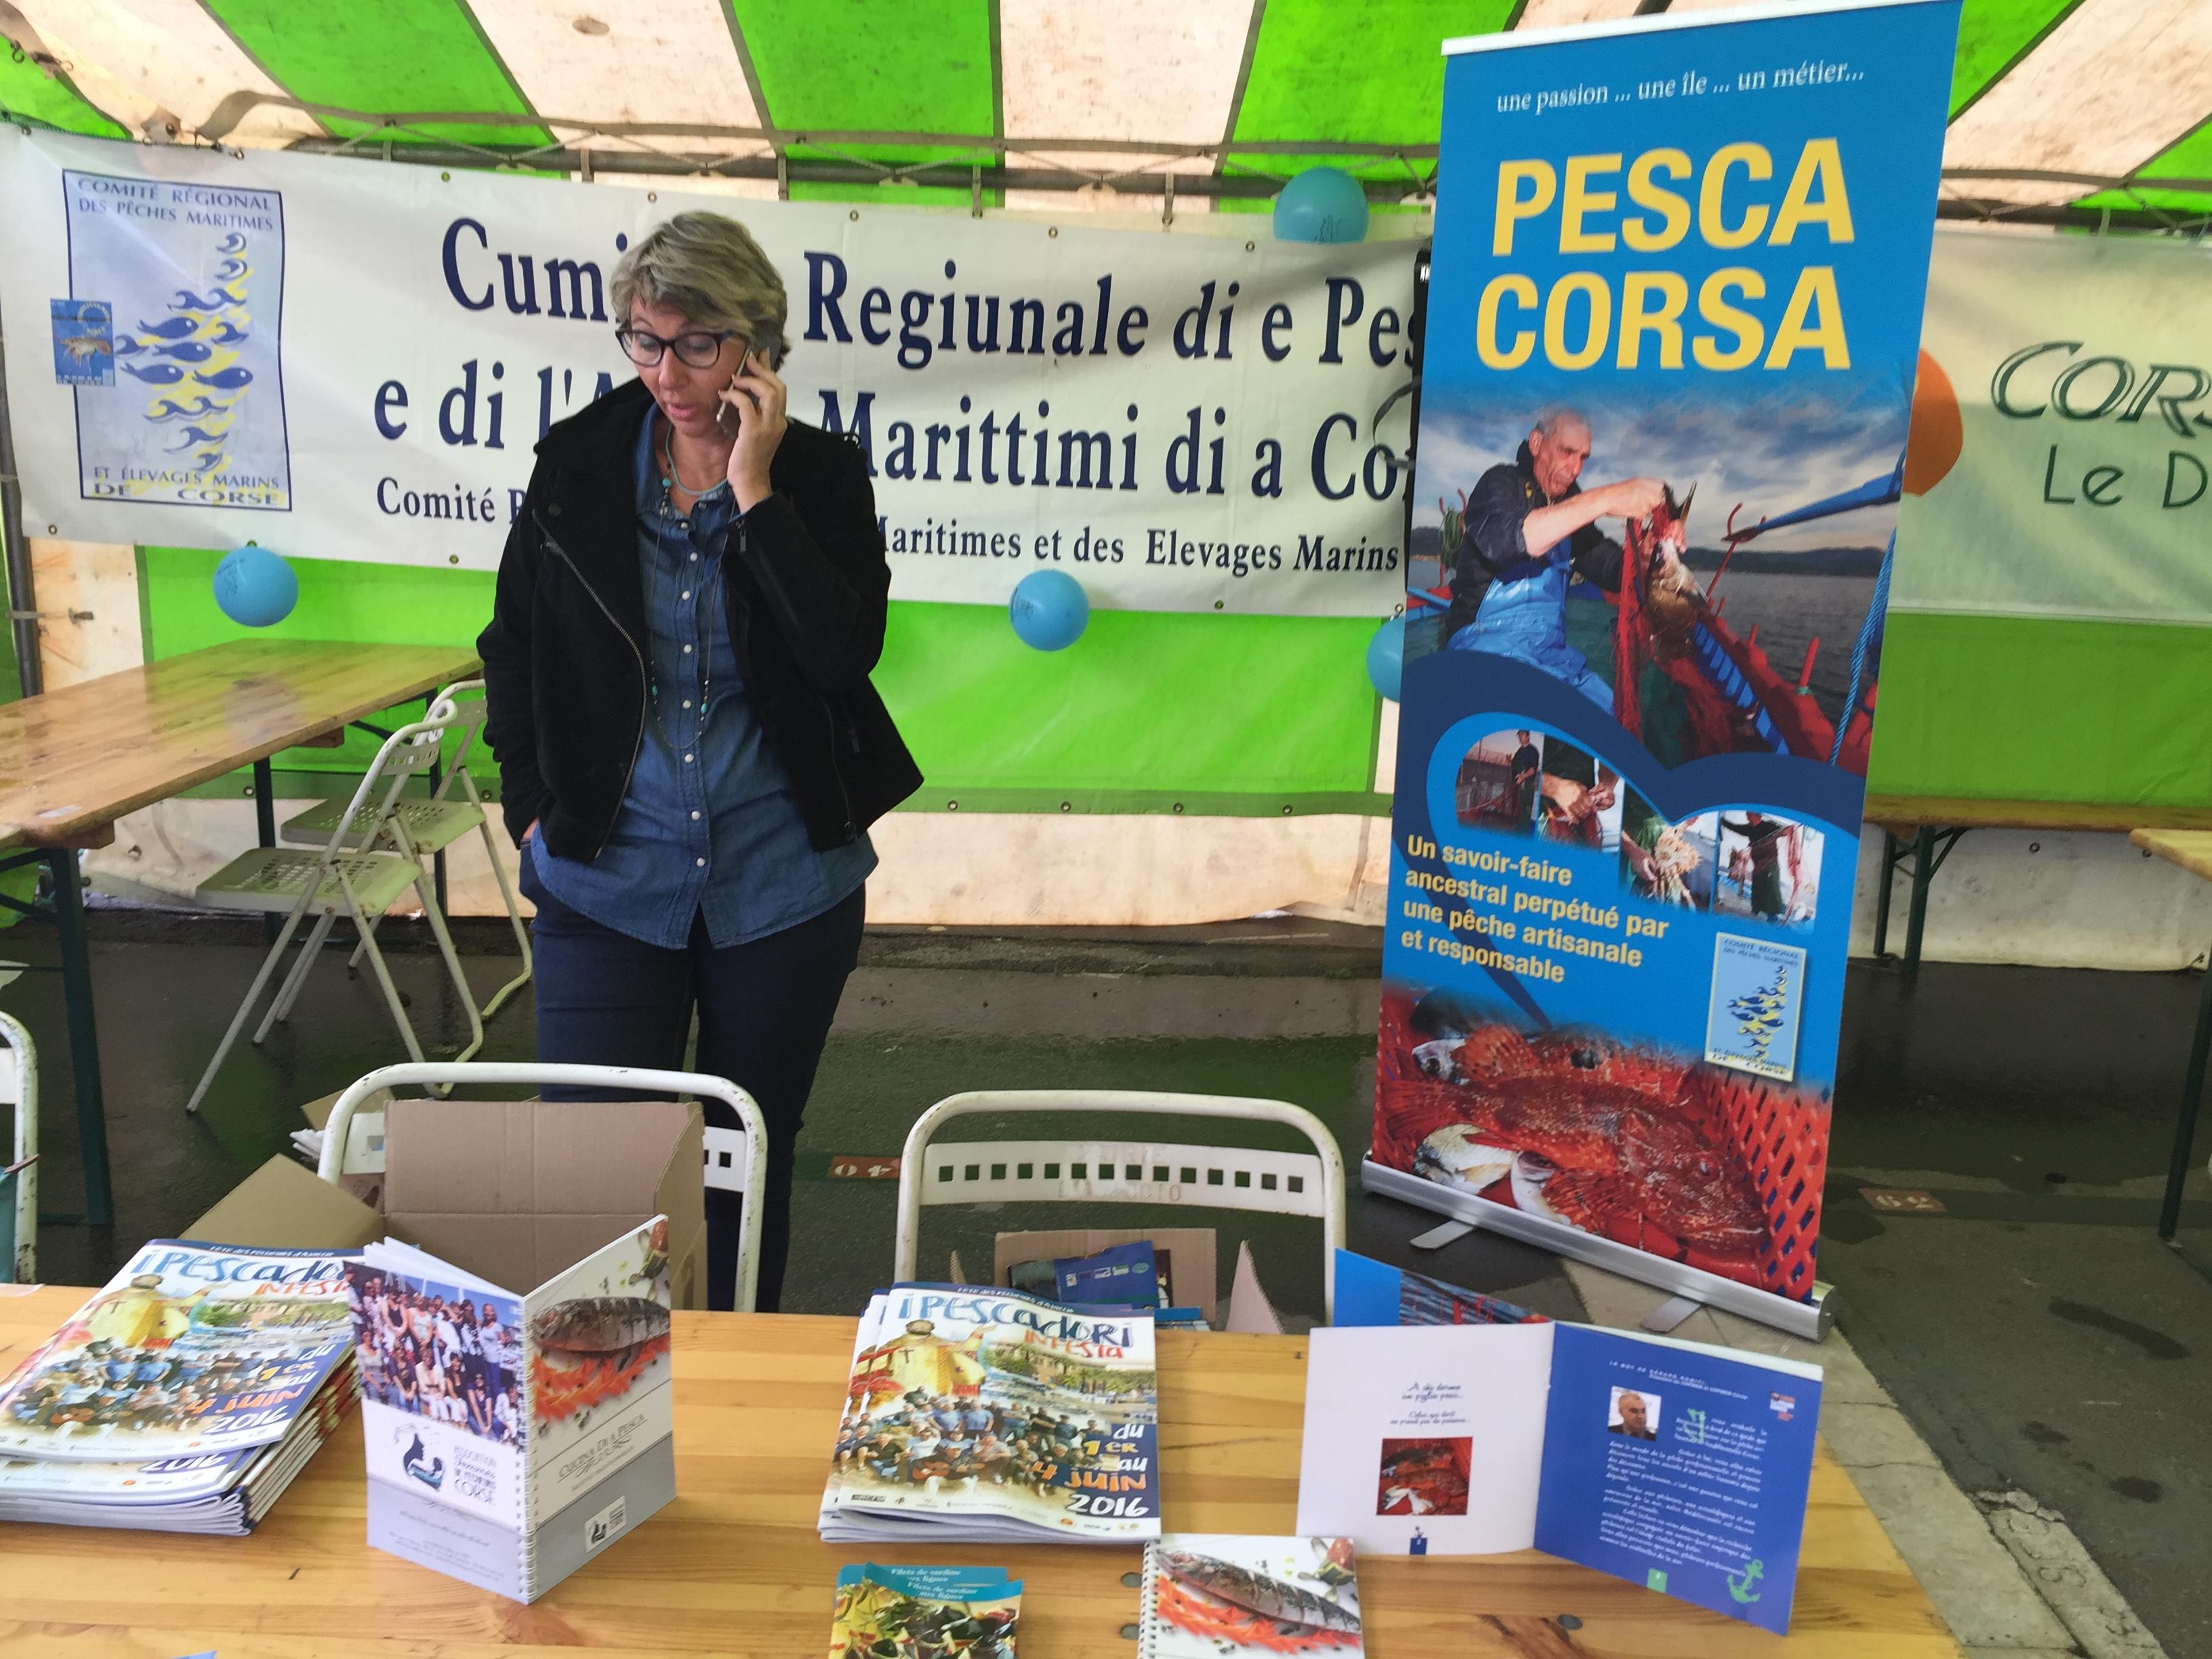 Coralie et Dume n'ont pas ménagé leur effort pour accueillir durant 4 jours les quelques 800 visiteurs venus découvrir la pêche traditionnelle Corse. Un véritable succès